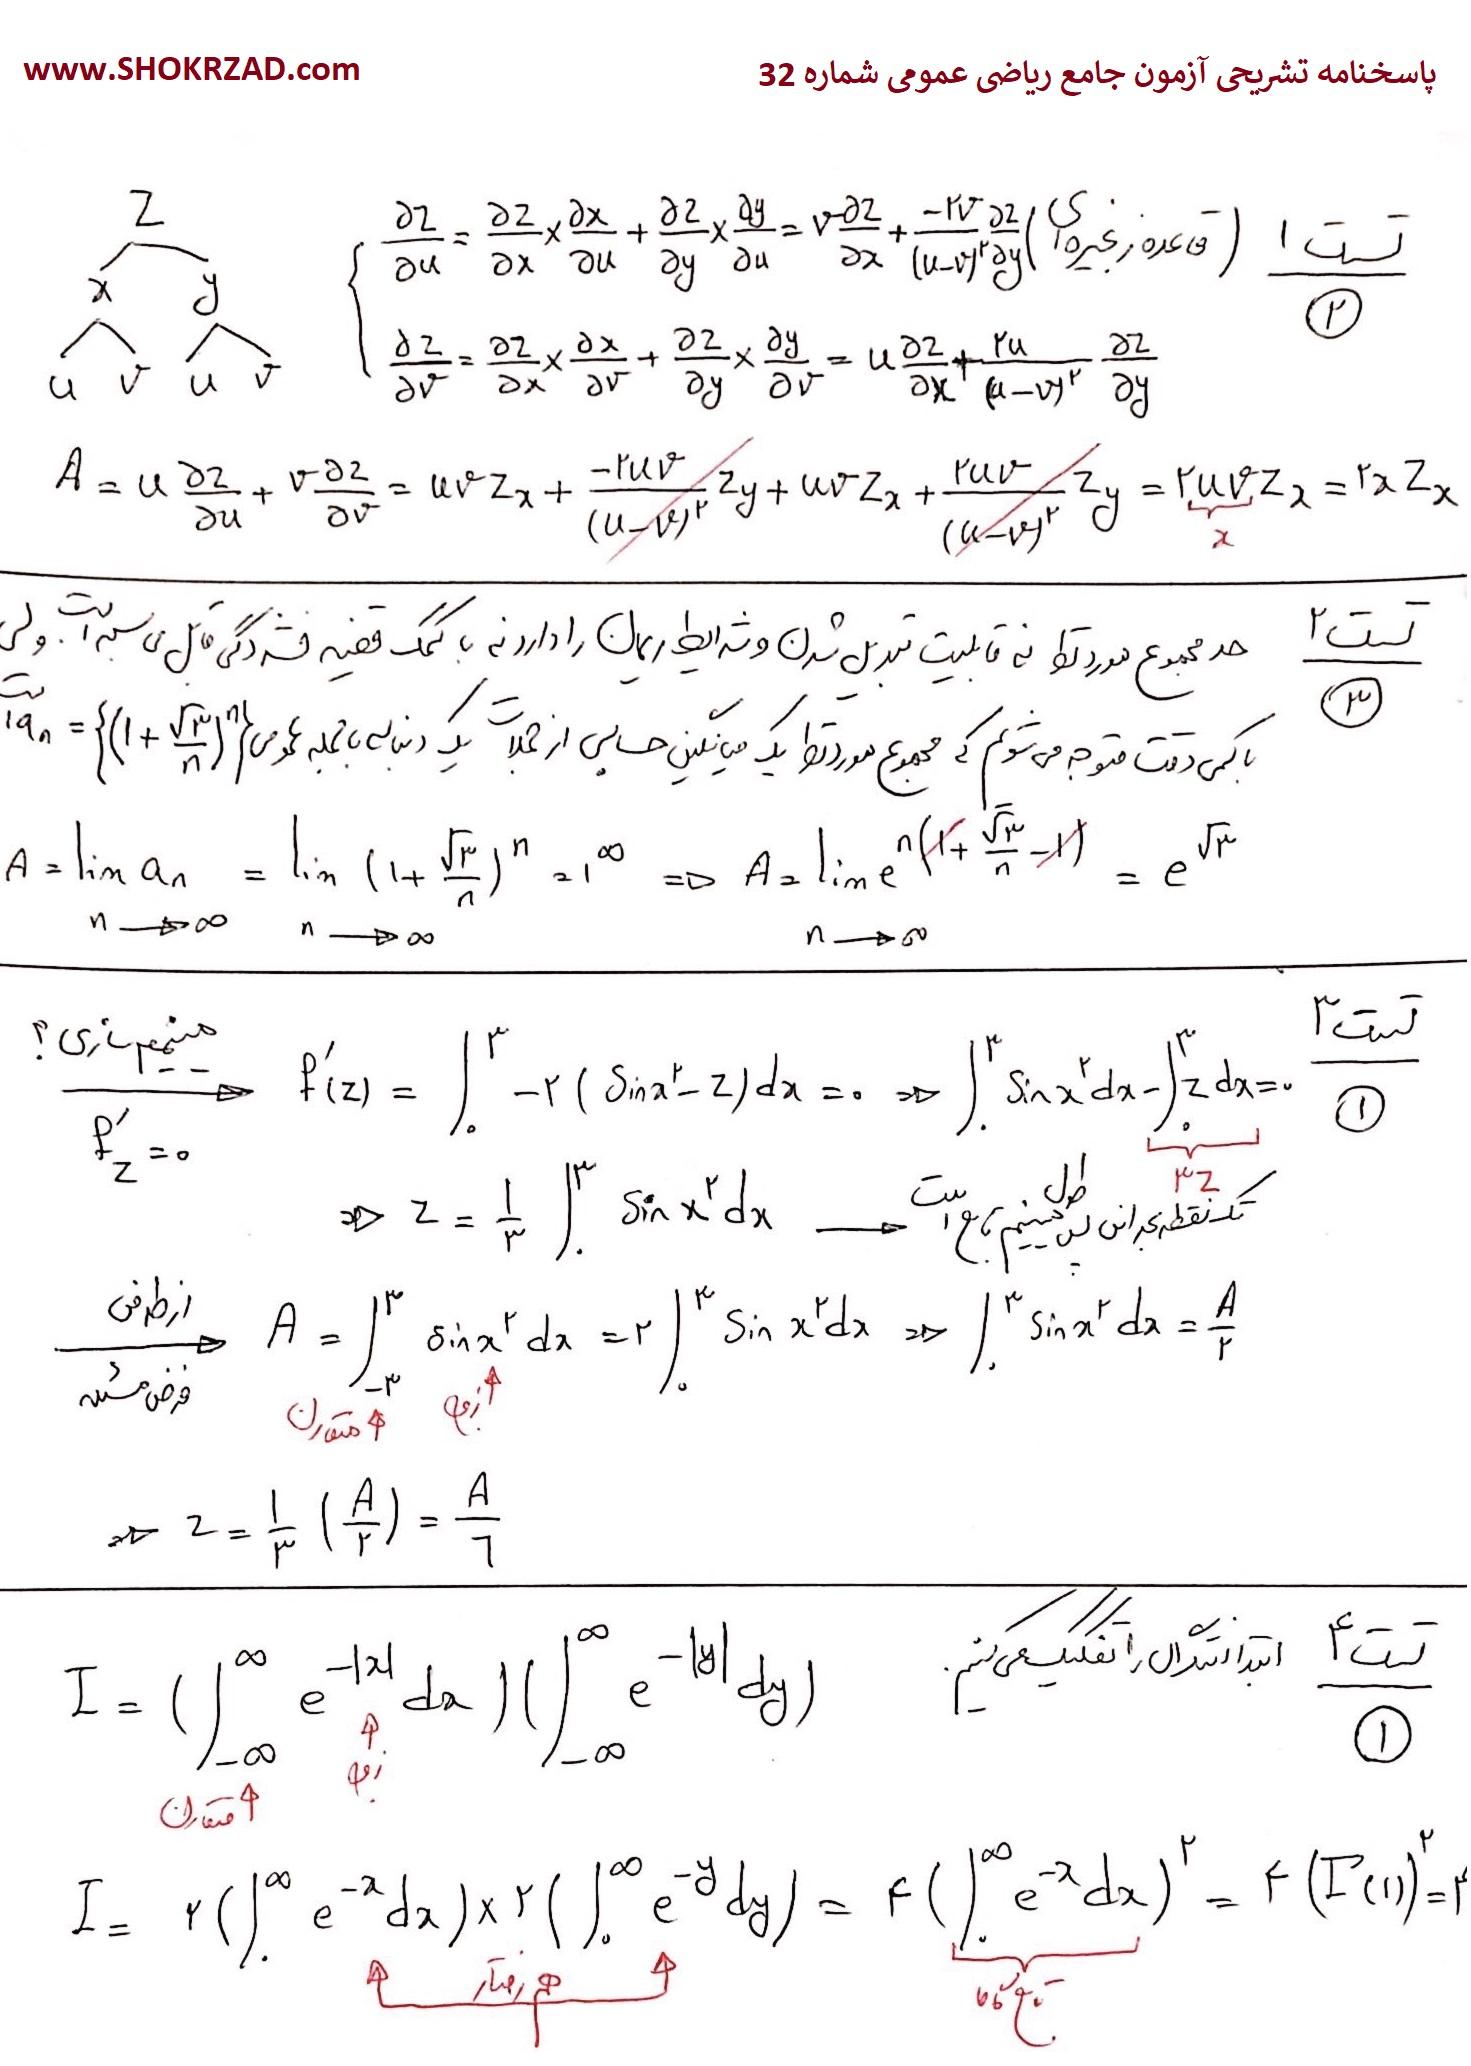 پاسخنامه تشریخی ریاضی عمومی 1و2